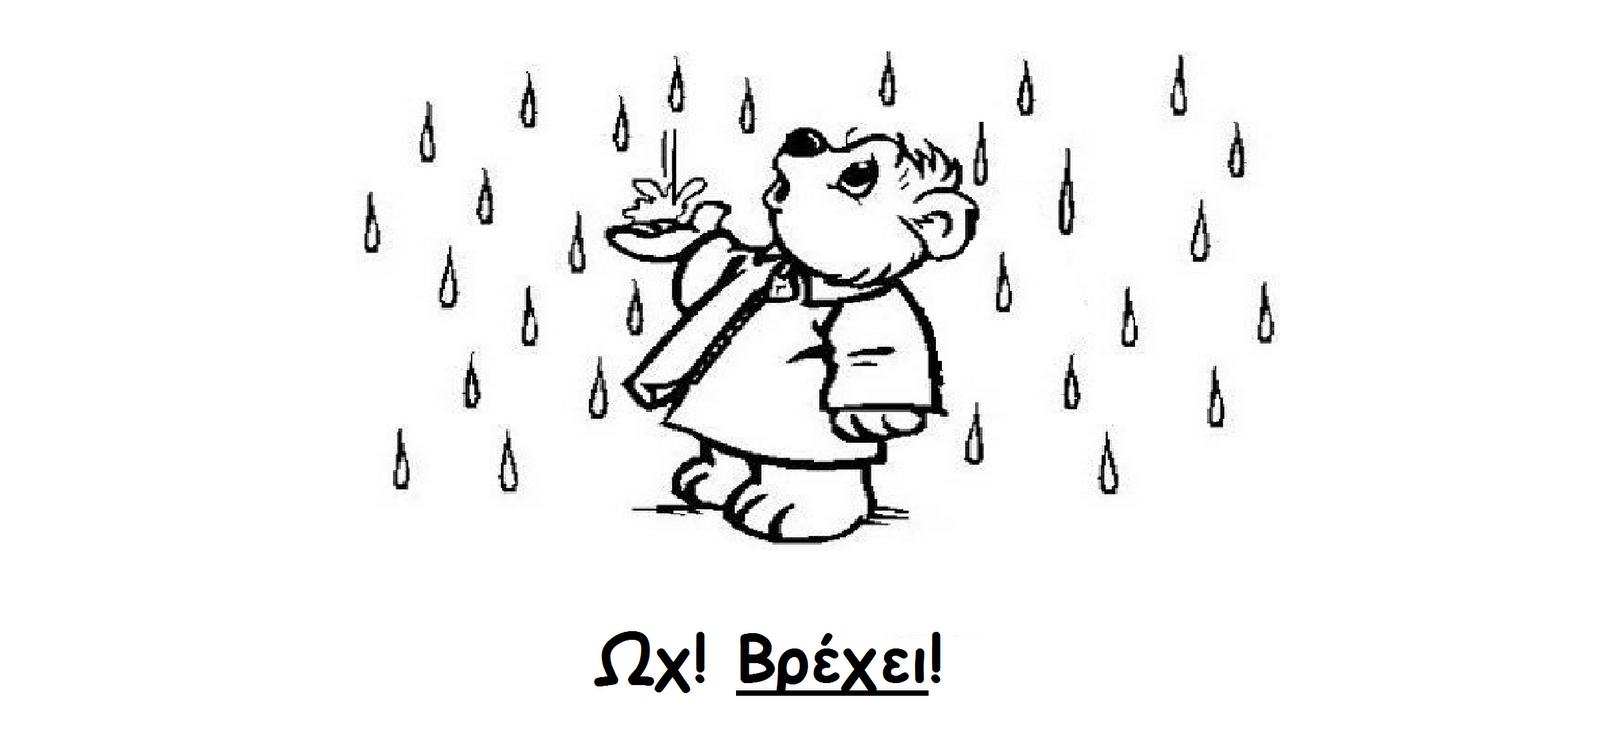 Βρέχει ..... απ΄ όλα  στο δήμο Φυλής.